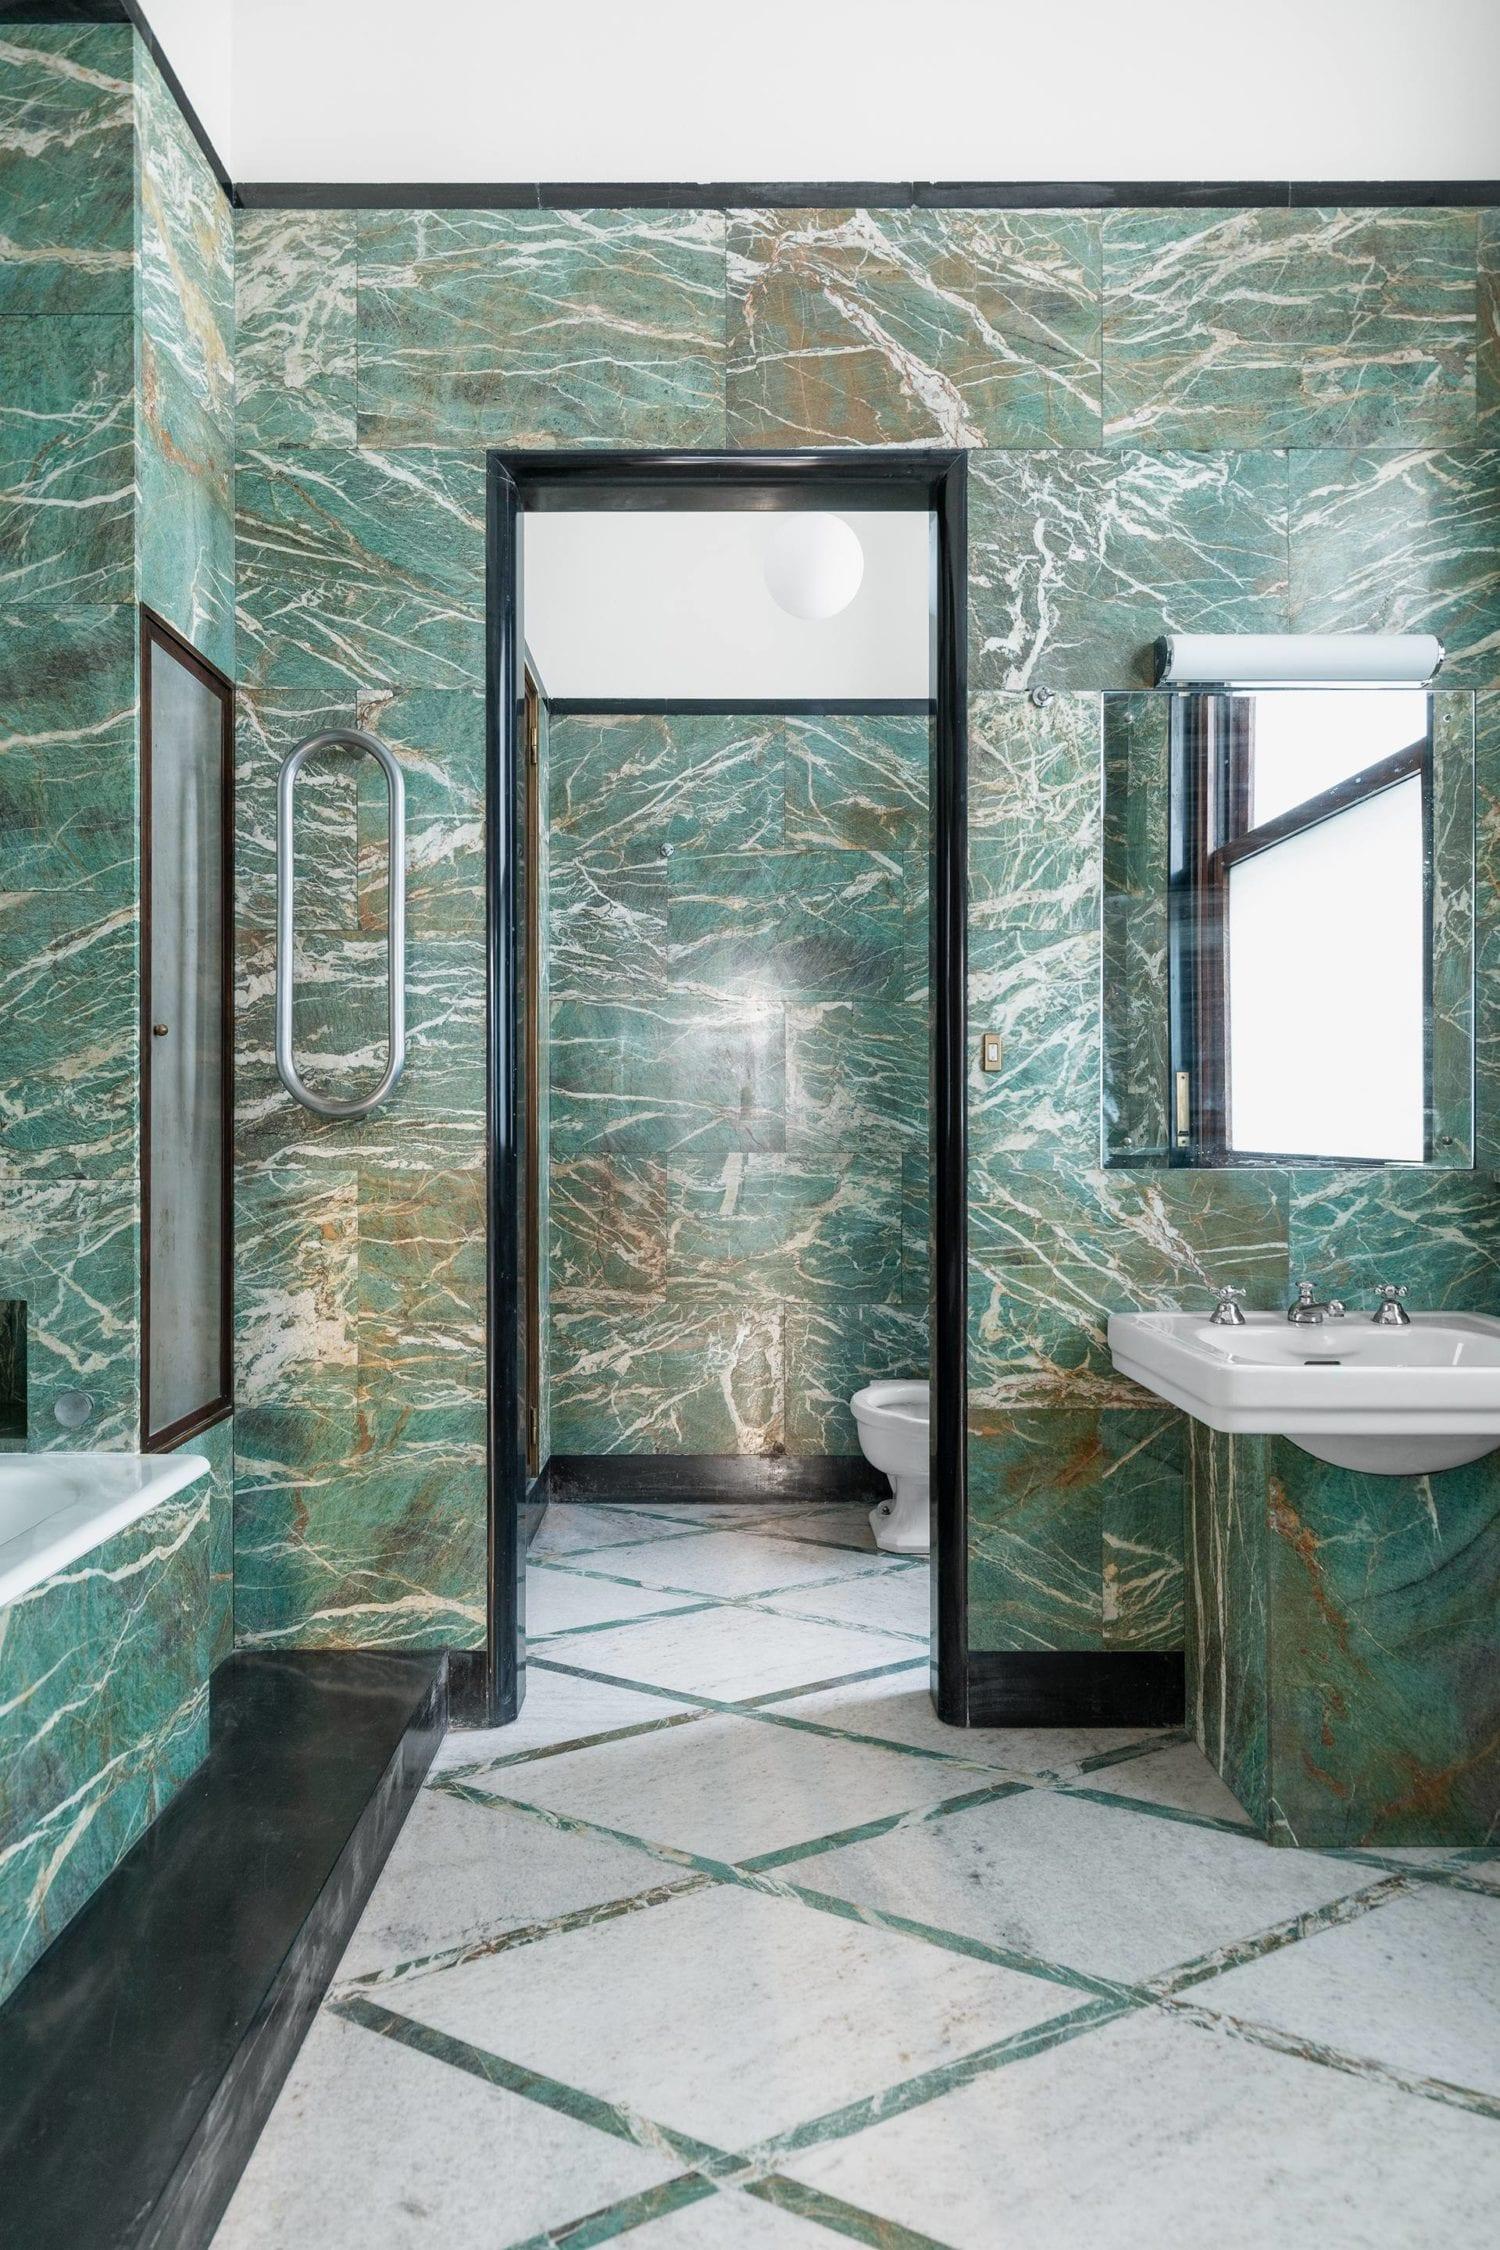 1930s Piero Portaluppi Milan Apartment Transformed Into Massimo De Carlo Gallery By Studio Binocle And Antonio Citterio Yellowtrace 18